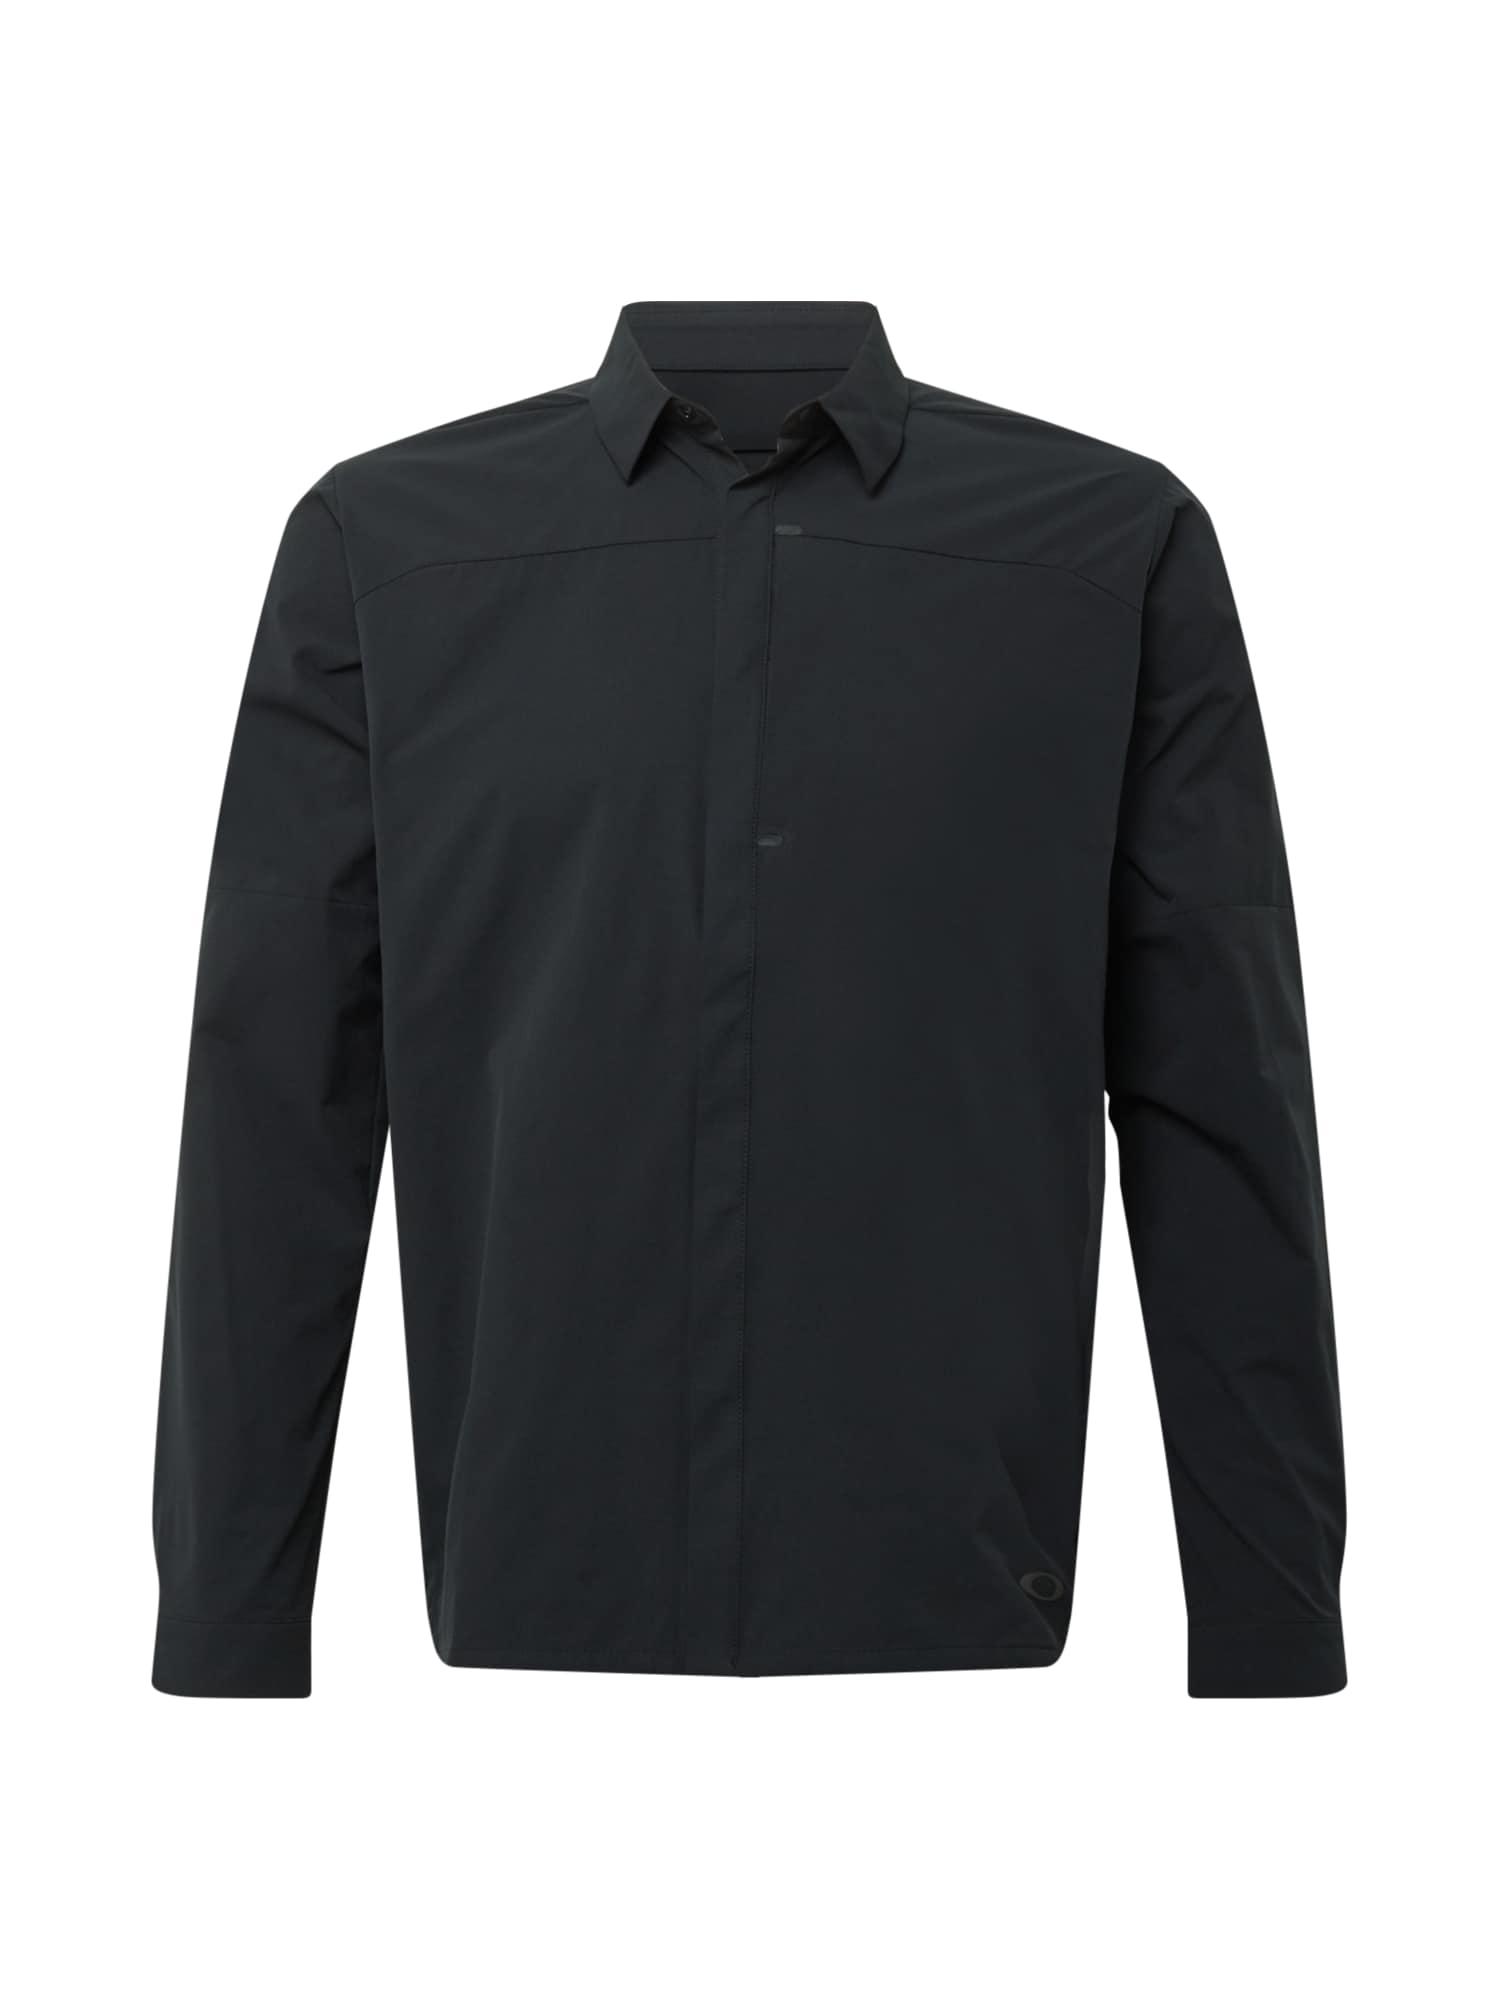 OAKLEY Funkciniai marškiniai juoda